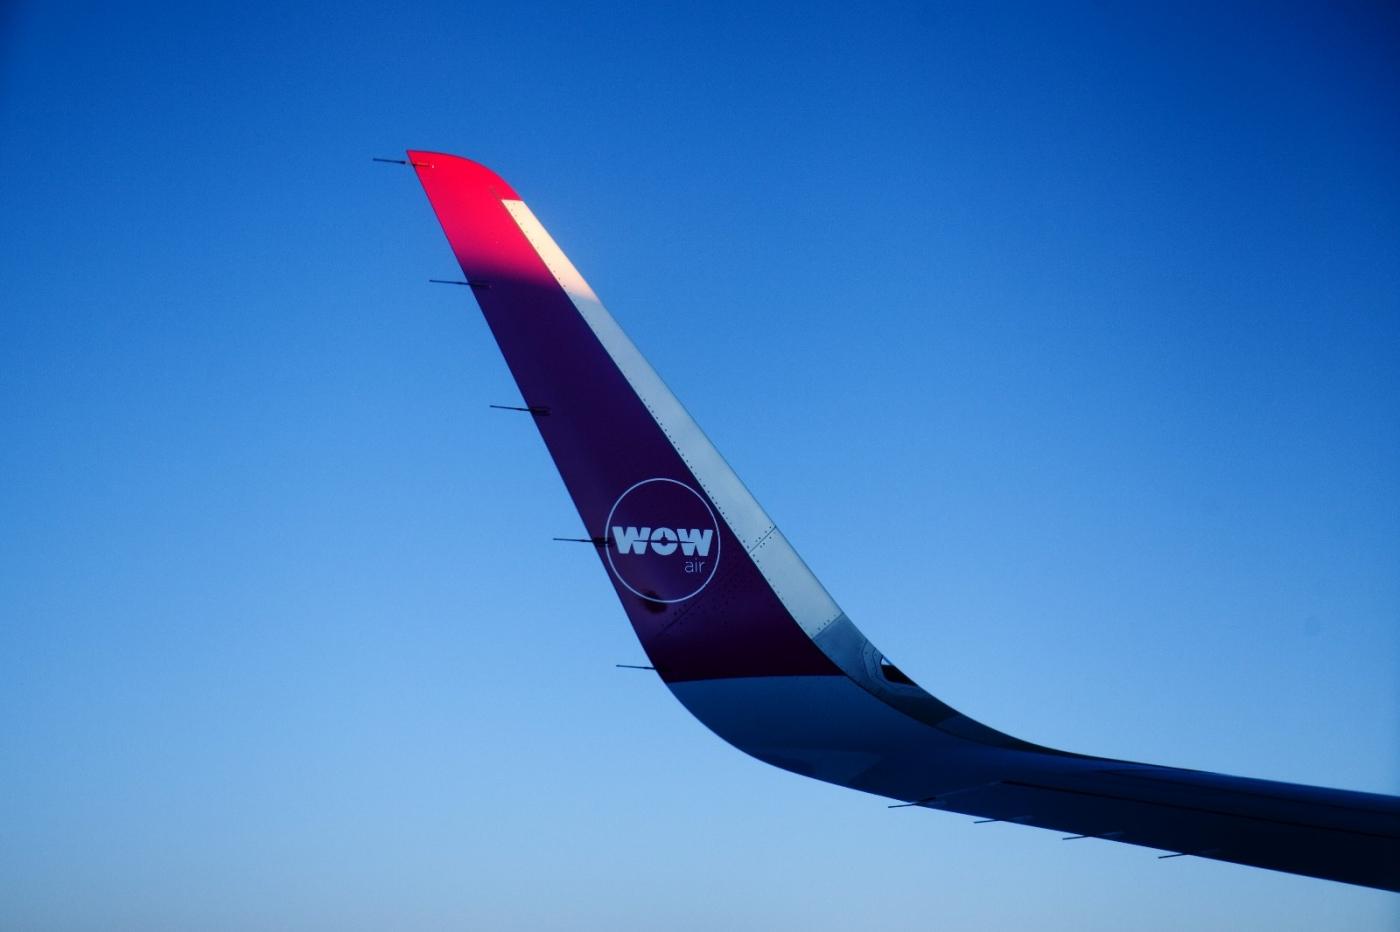 从纽约乘wow班机赴冰岛旅游,从班机的窗口看到:白云翻滚,赏心悦目,堪比黄山之云海 ..._图1-2